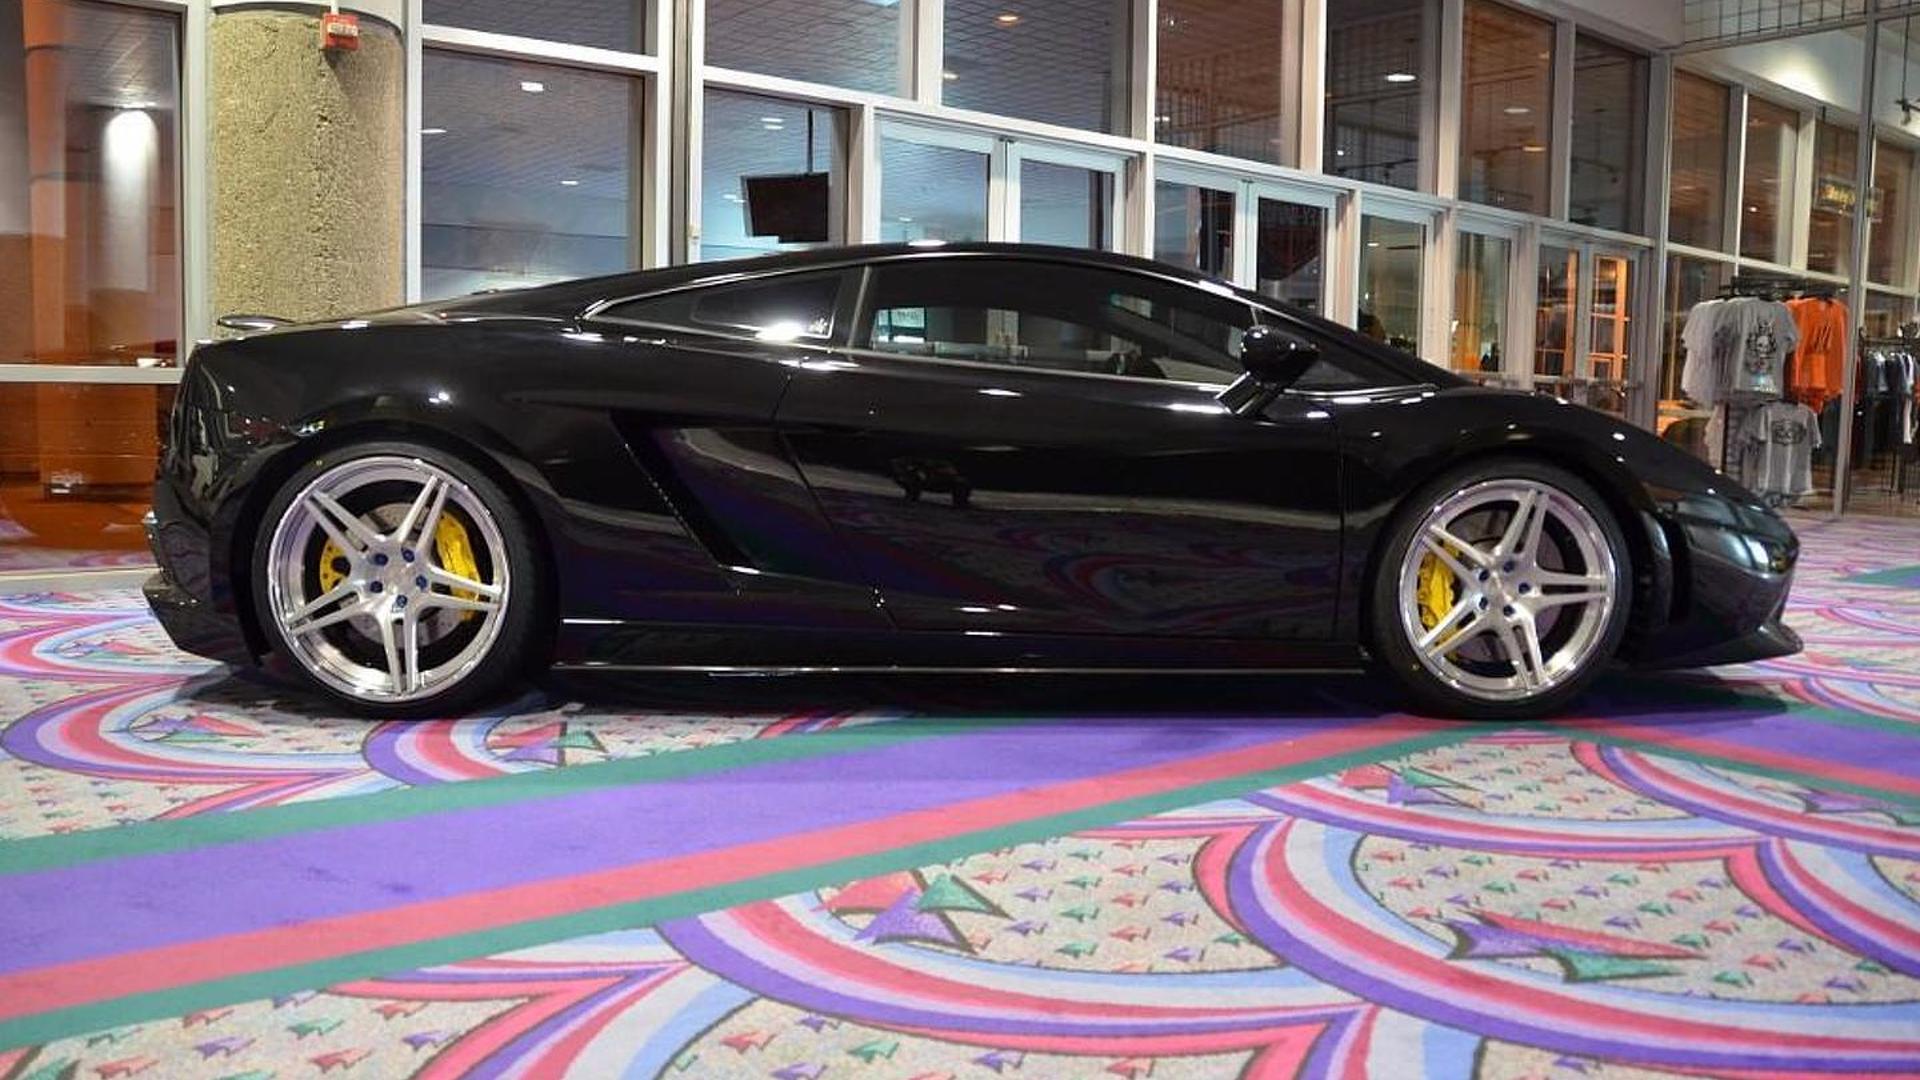 2011-275131-lamborghini-gallardo-by-renown-auto-style-1-11-20111 Inspiring Bugatti Veyron Vs Lamborghini Gallardo Cars Trend